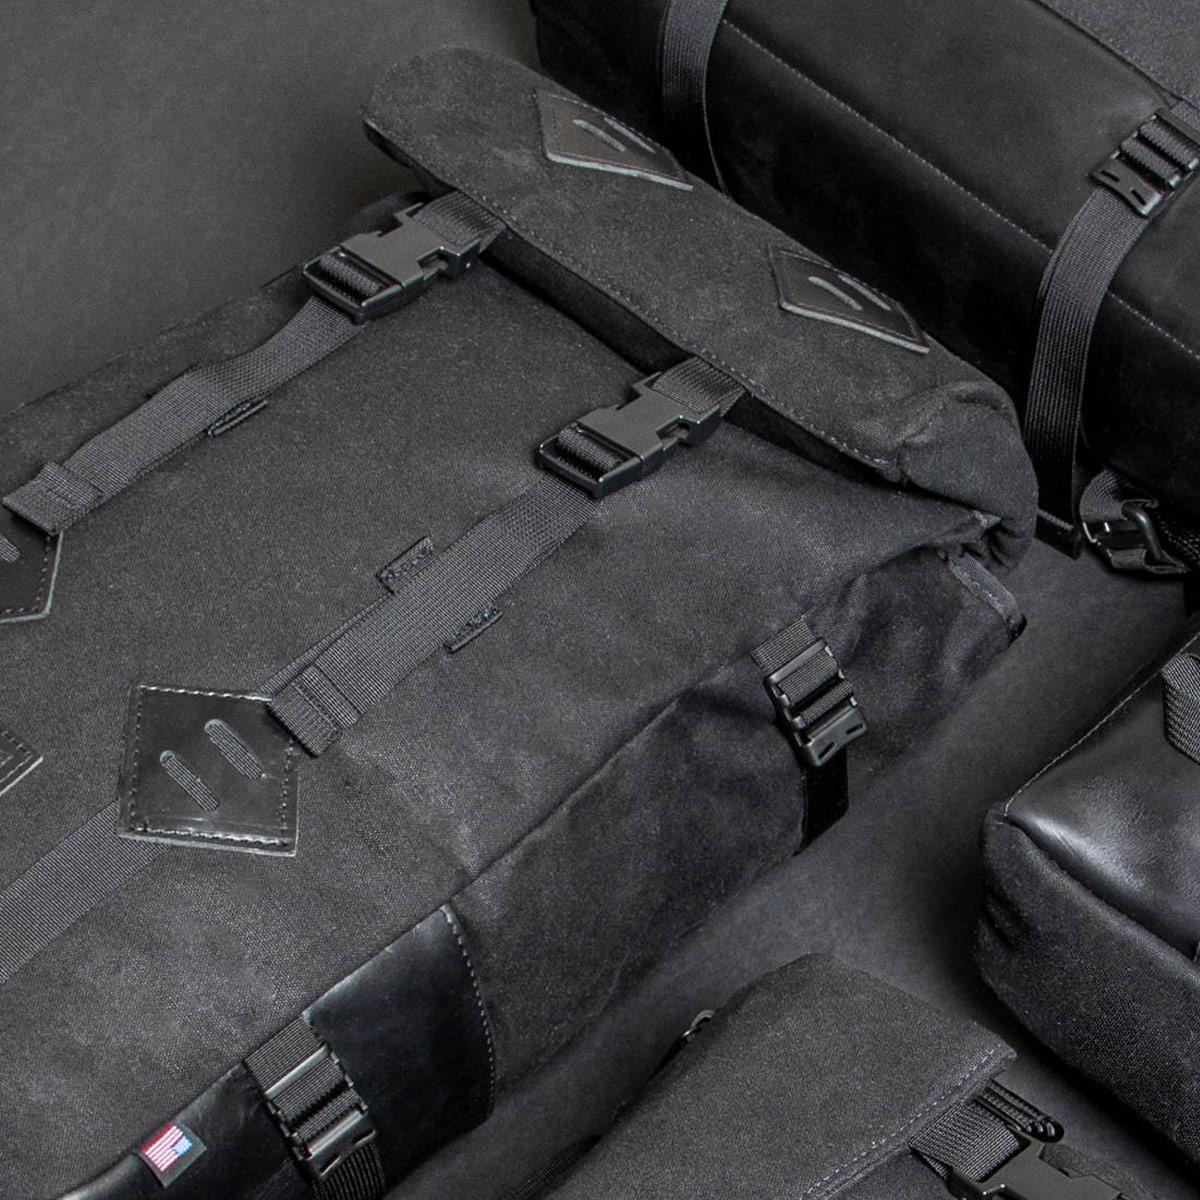 Topo Designs Rover Pack Heritage Black Canvas/Black Leather, tijdloze rugzak met moderne functionaliteiten voor dagelijks gebruik